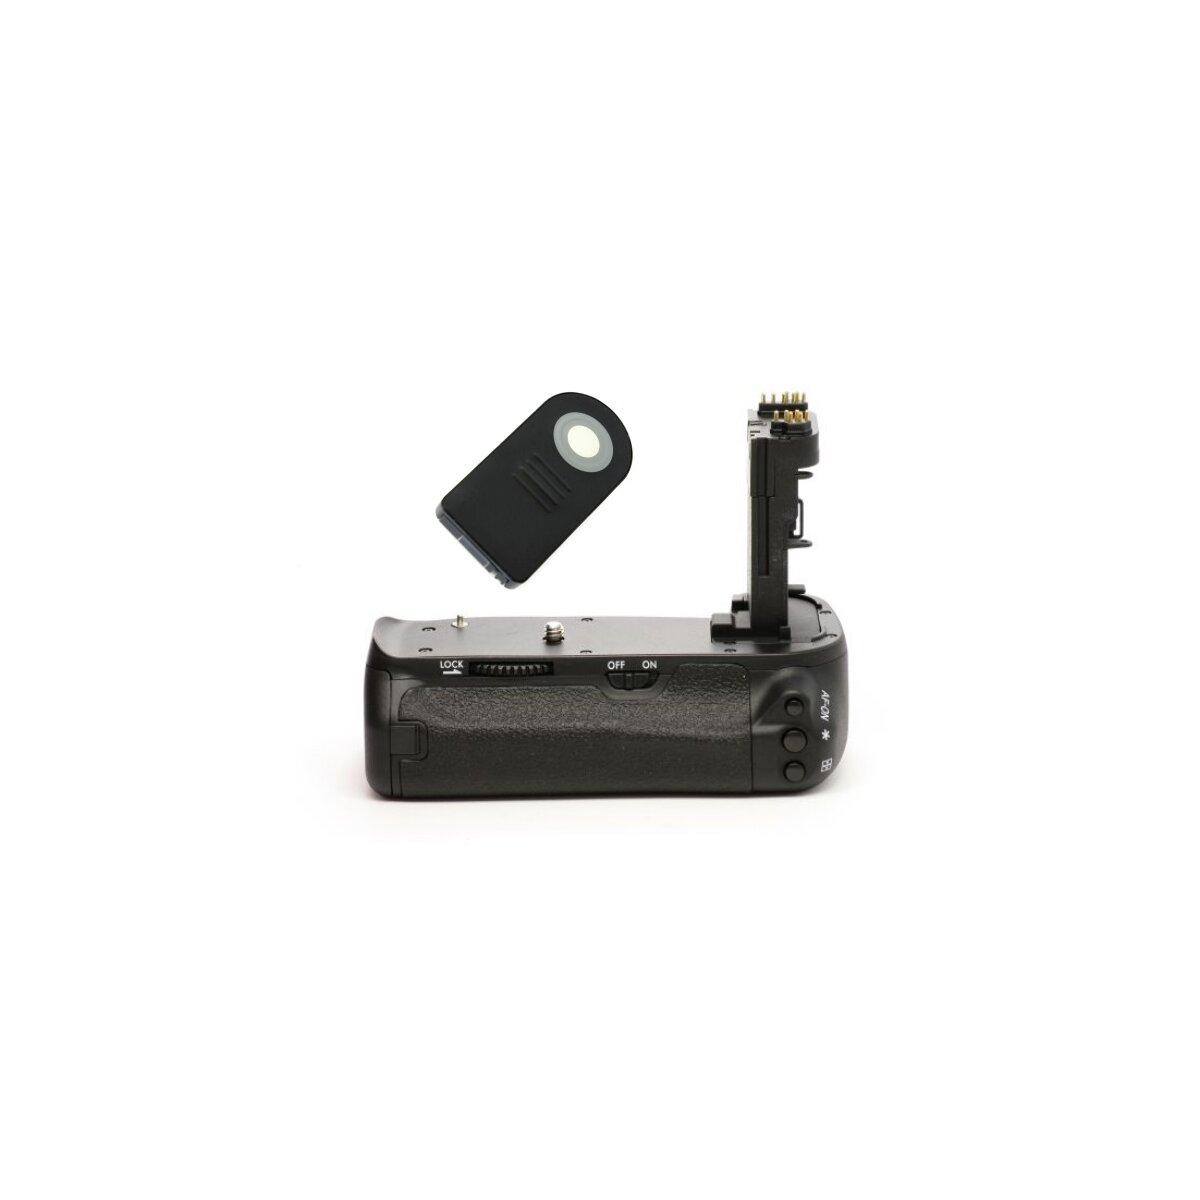 Minadax Profi Batteriegriff kompatibel für Canon EOS 6D - Ersatz für BG-E13 - für 2x LP-E6 und 6x AA Batterien + 1x Infrarot Fernbedienung!